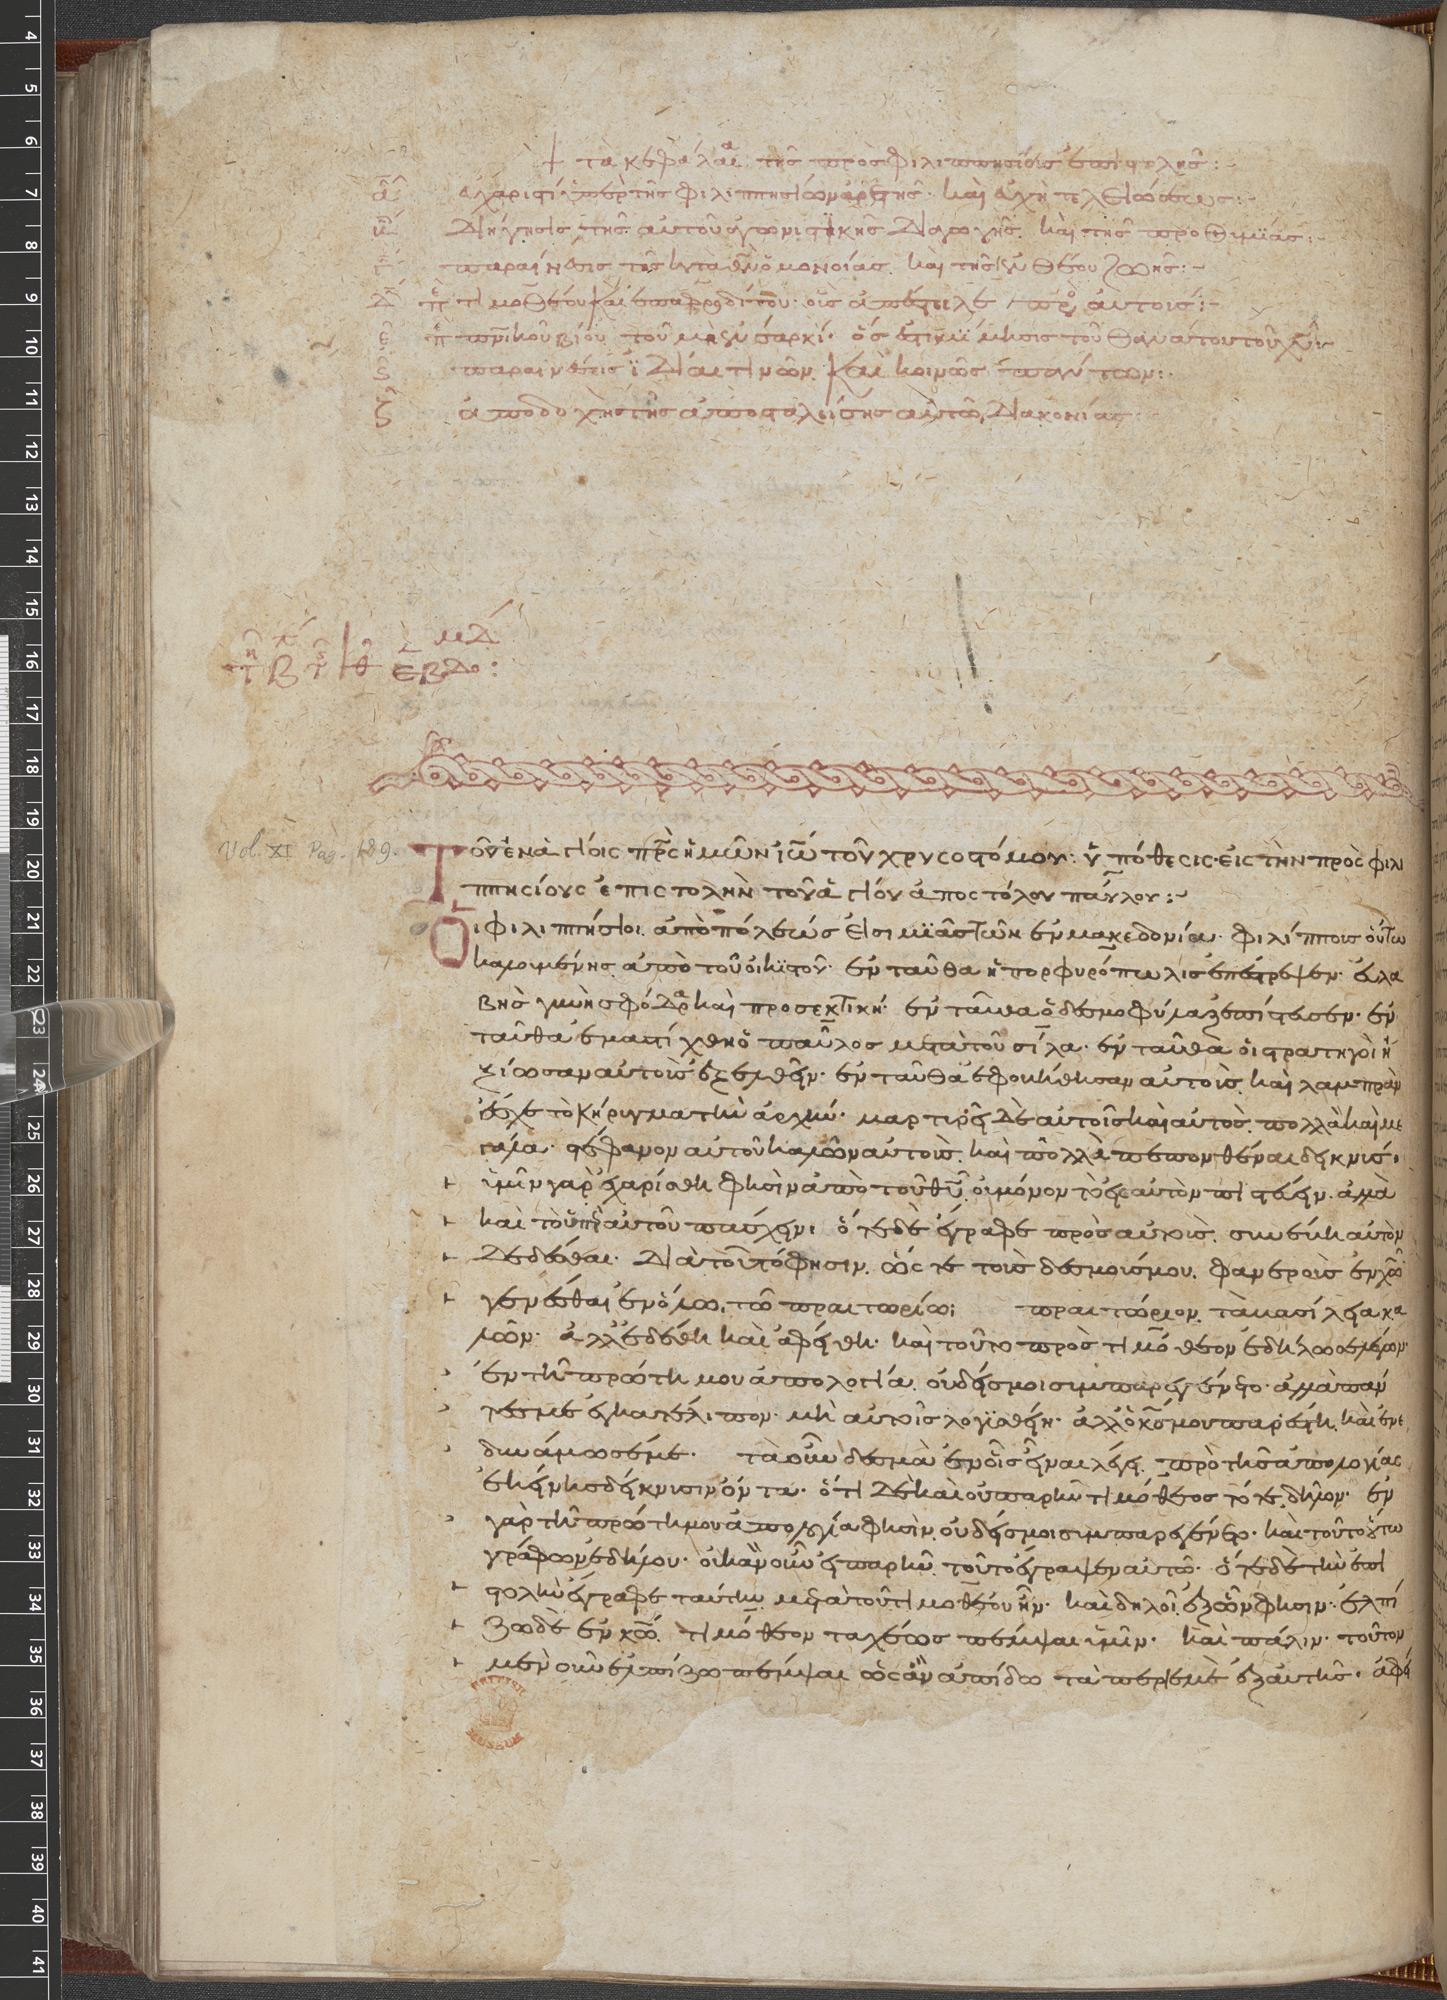 Commentaries of St John Chrysostom on the Pauline Epistles (Burney MS 48 f104v)